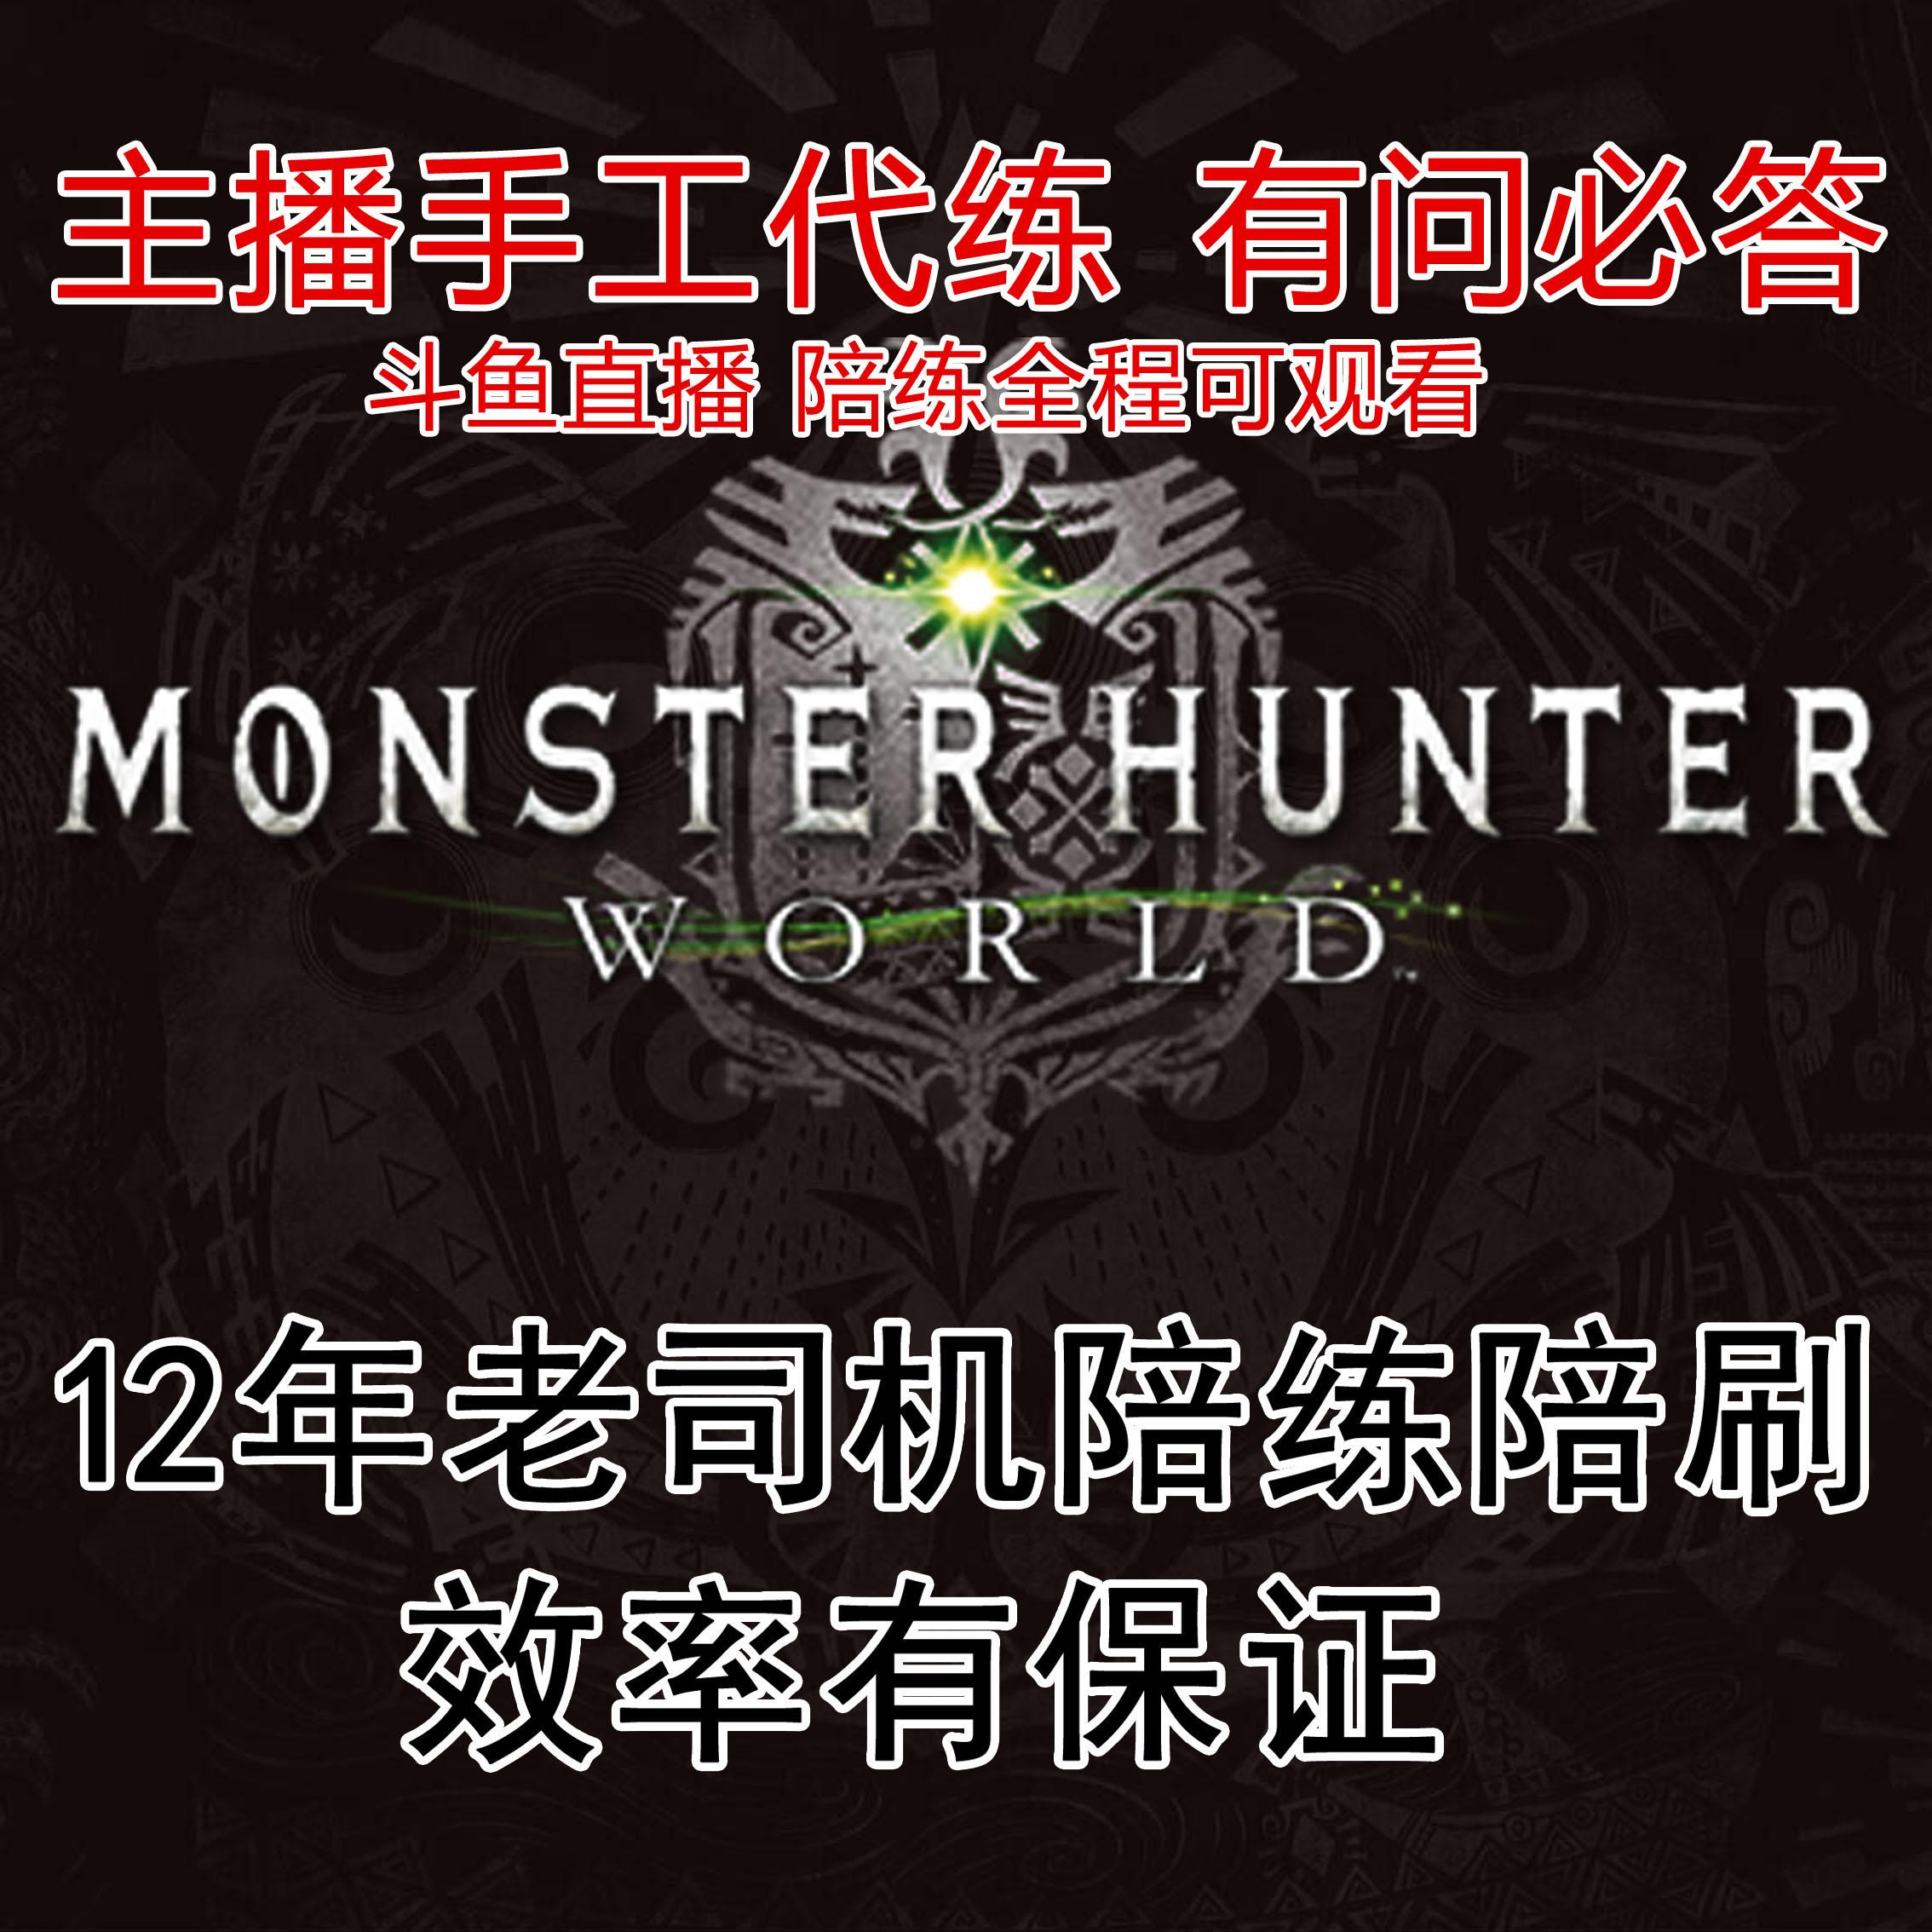 怪物猎人世界冰原代练 PS4 巨魔之地 力战王鹿首精陪练素材斗技场券后5.00元